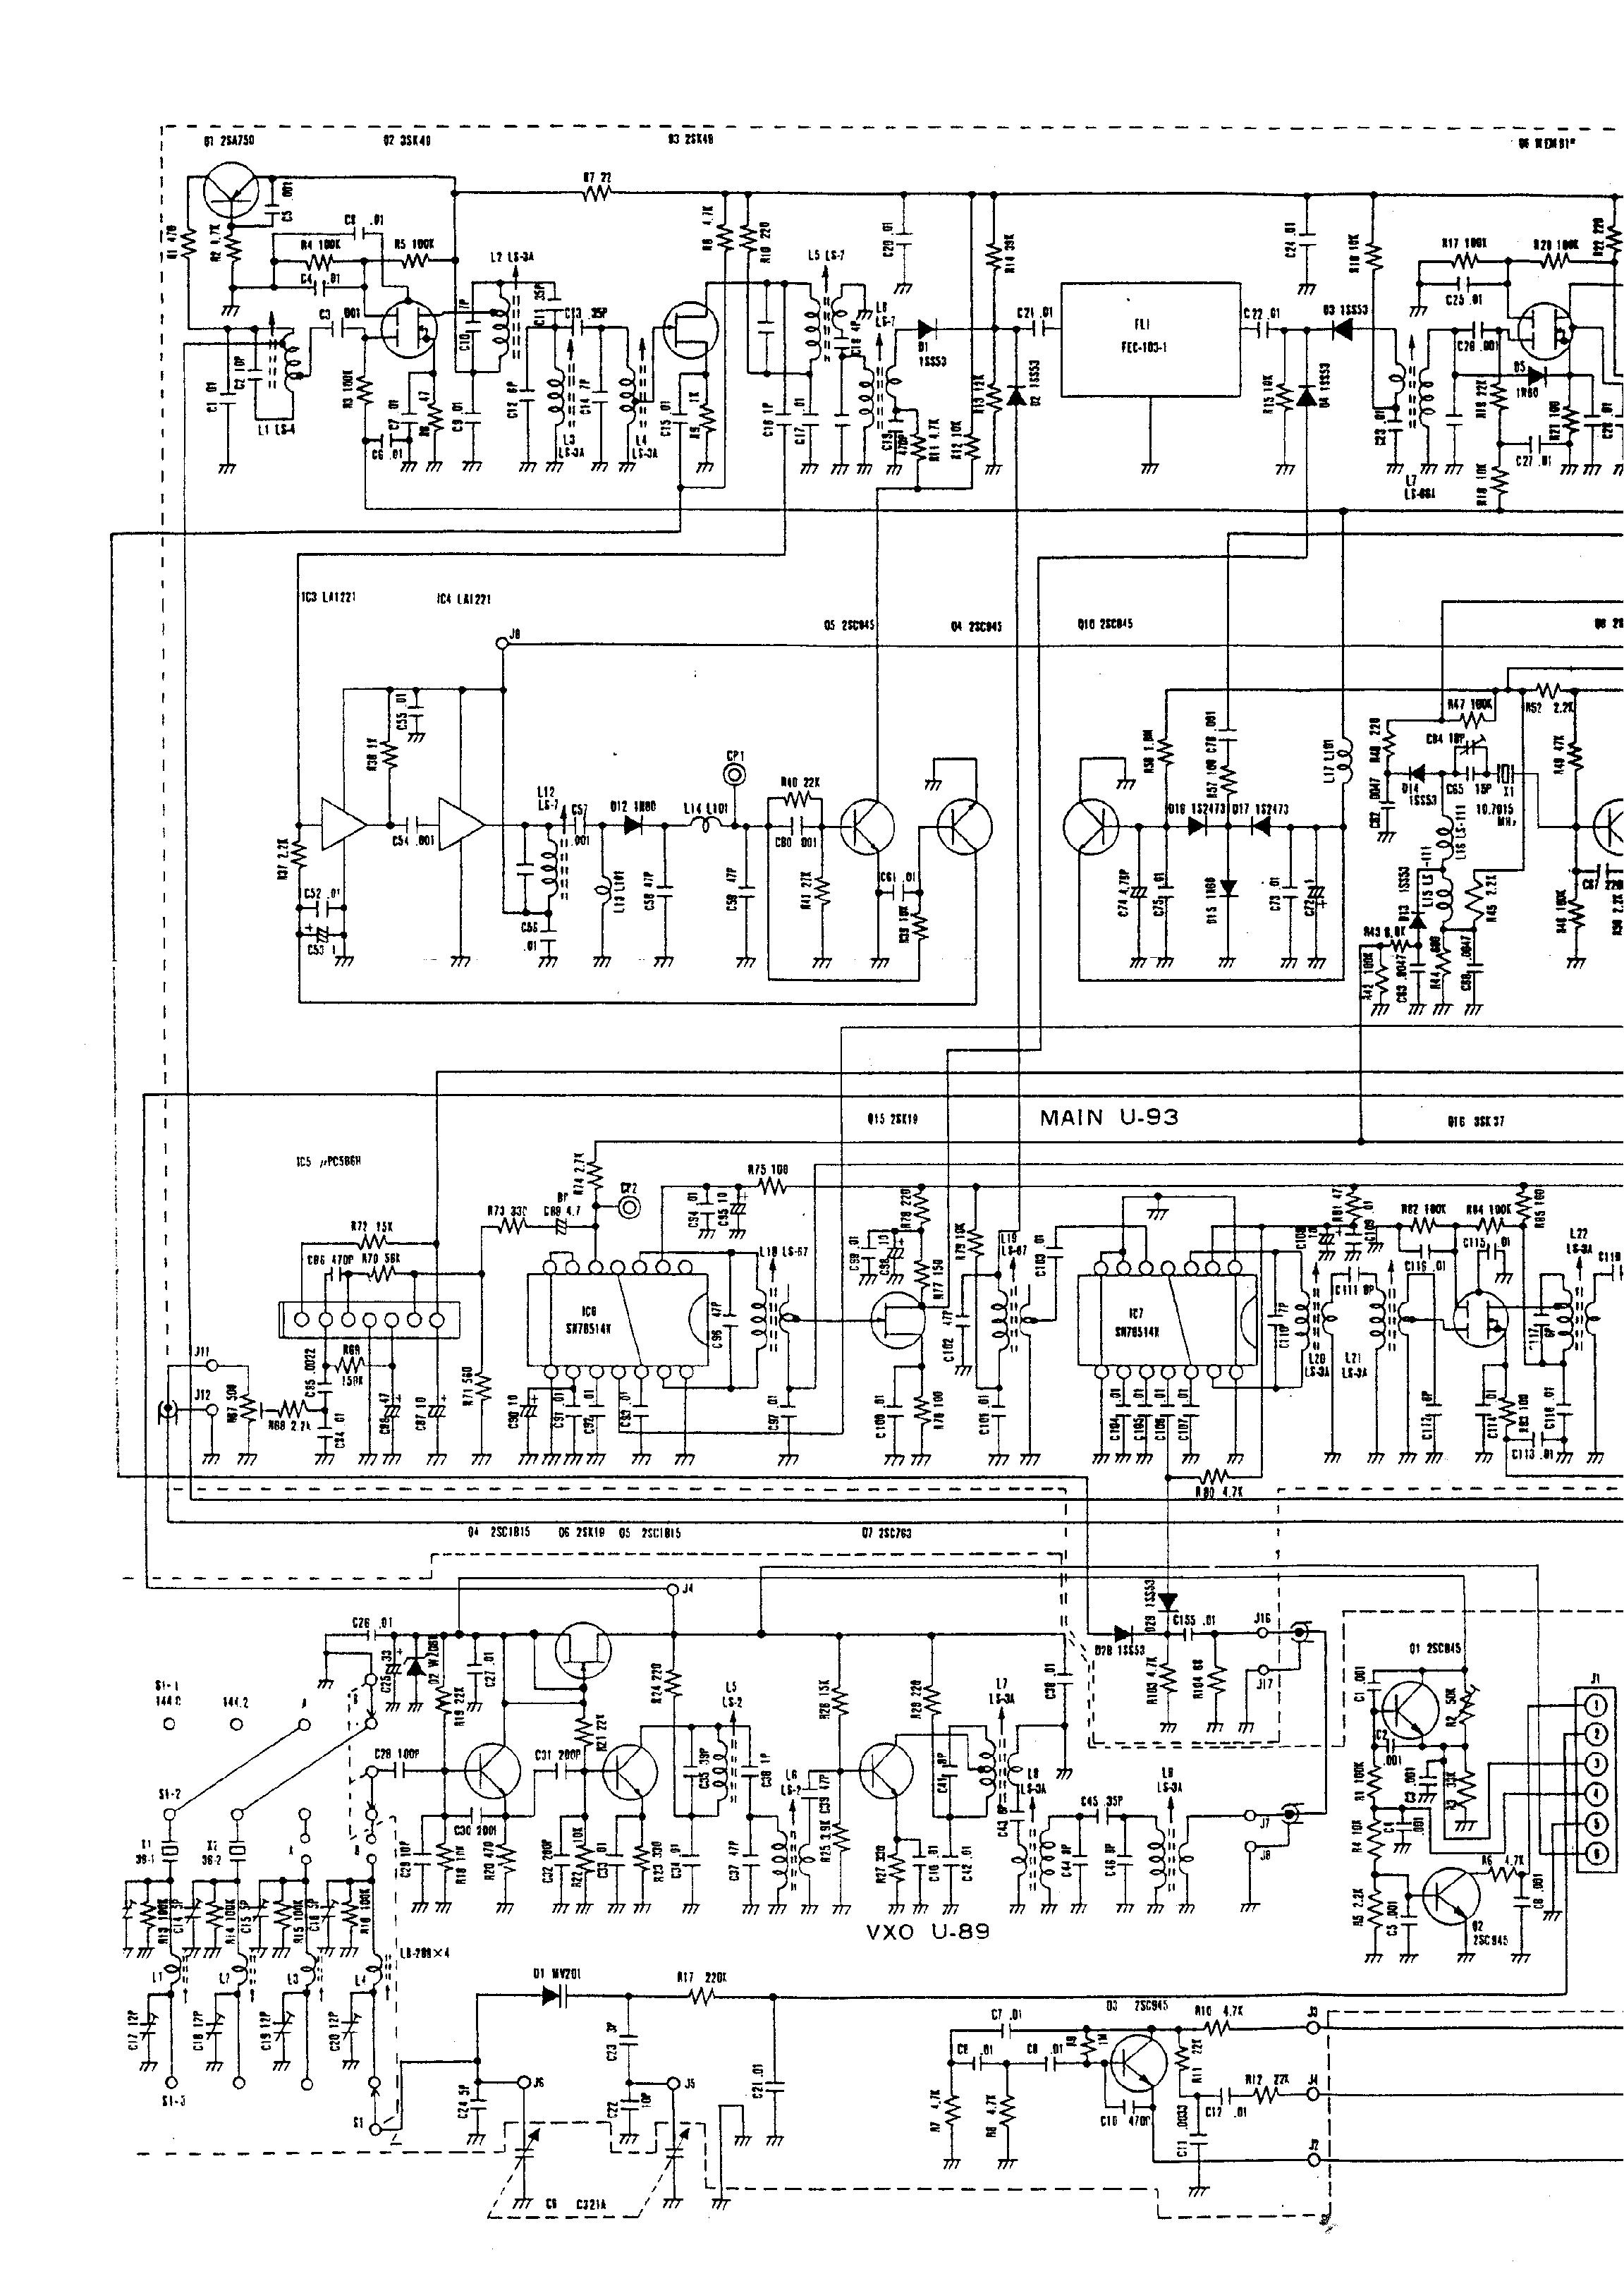 icom sm8 sch service manual download  schematics  eeprom